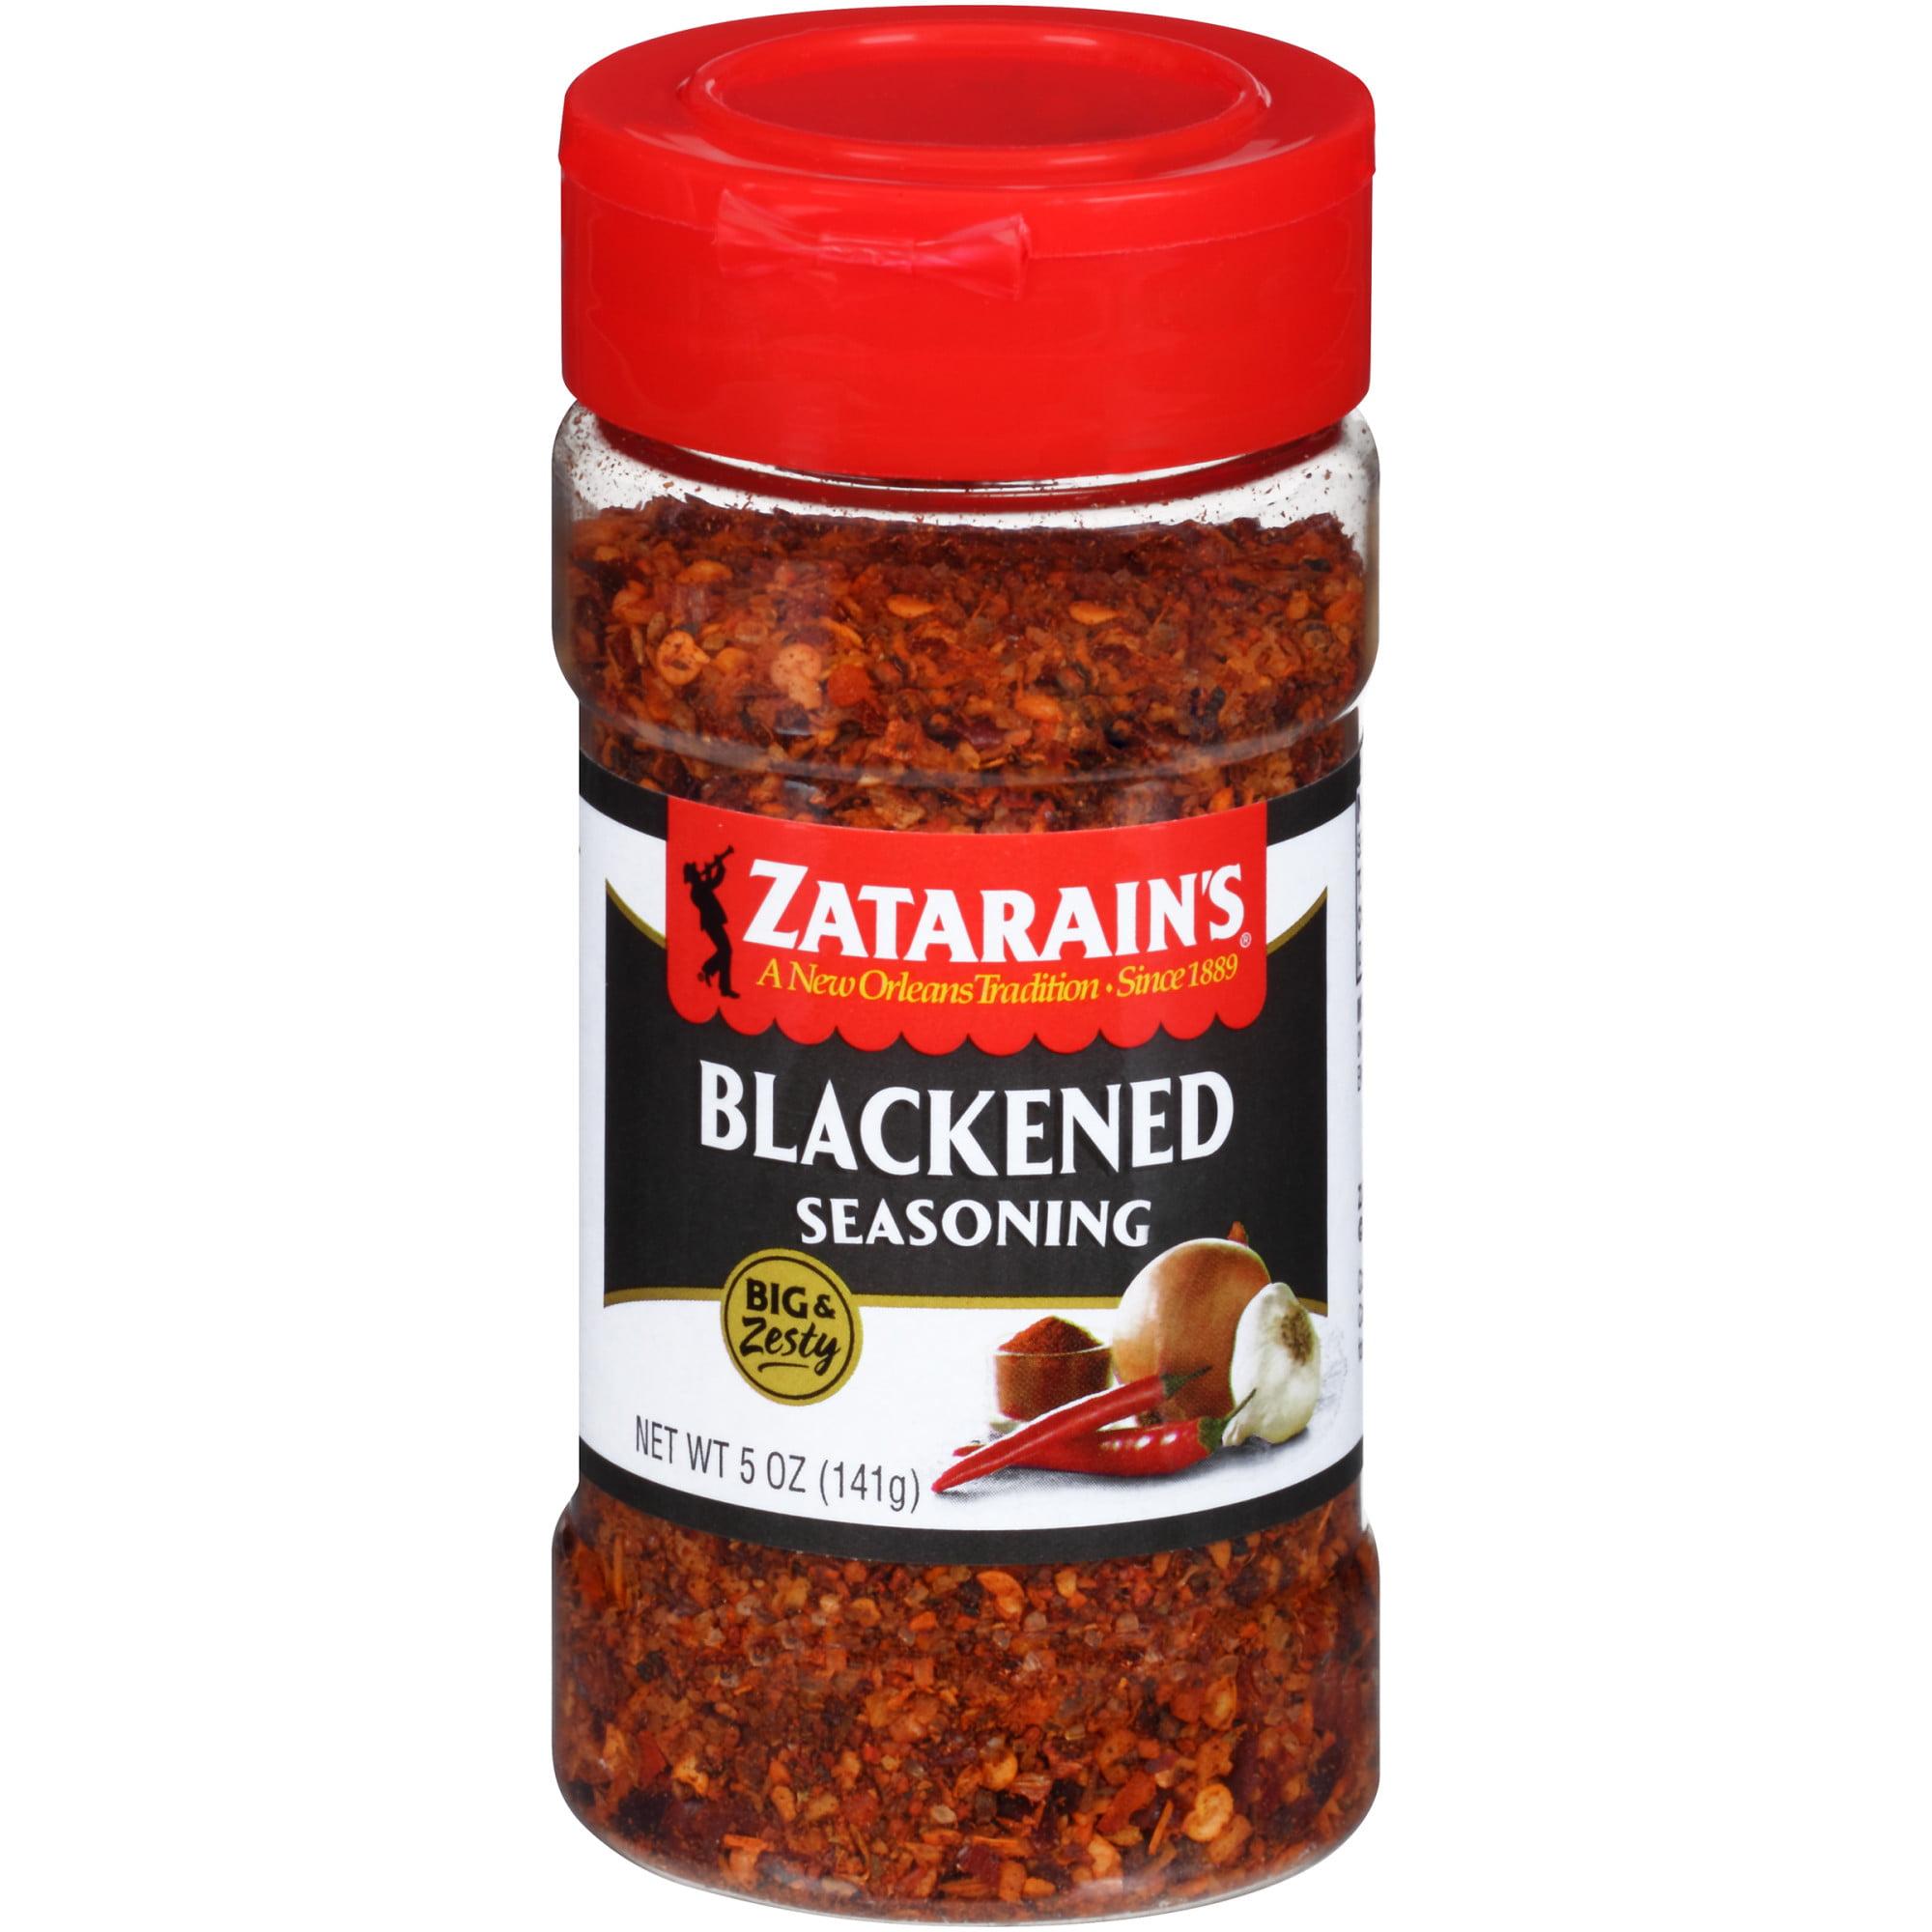 (2 Pack) Zatarain's Blackened Big & Zesty Spice Blend, 5 oz